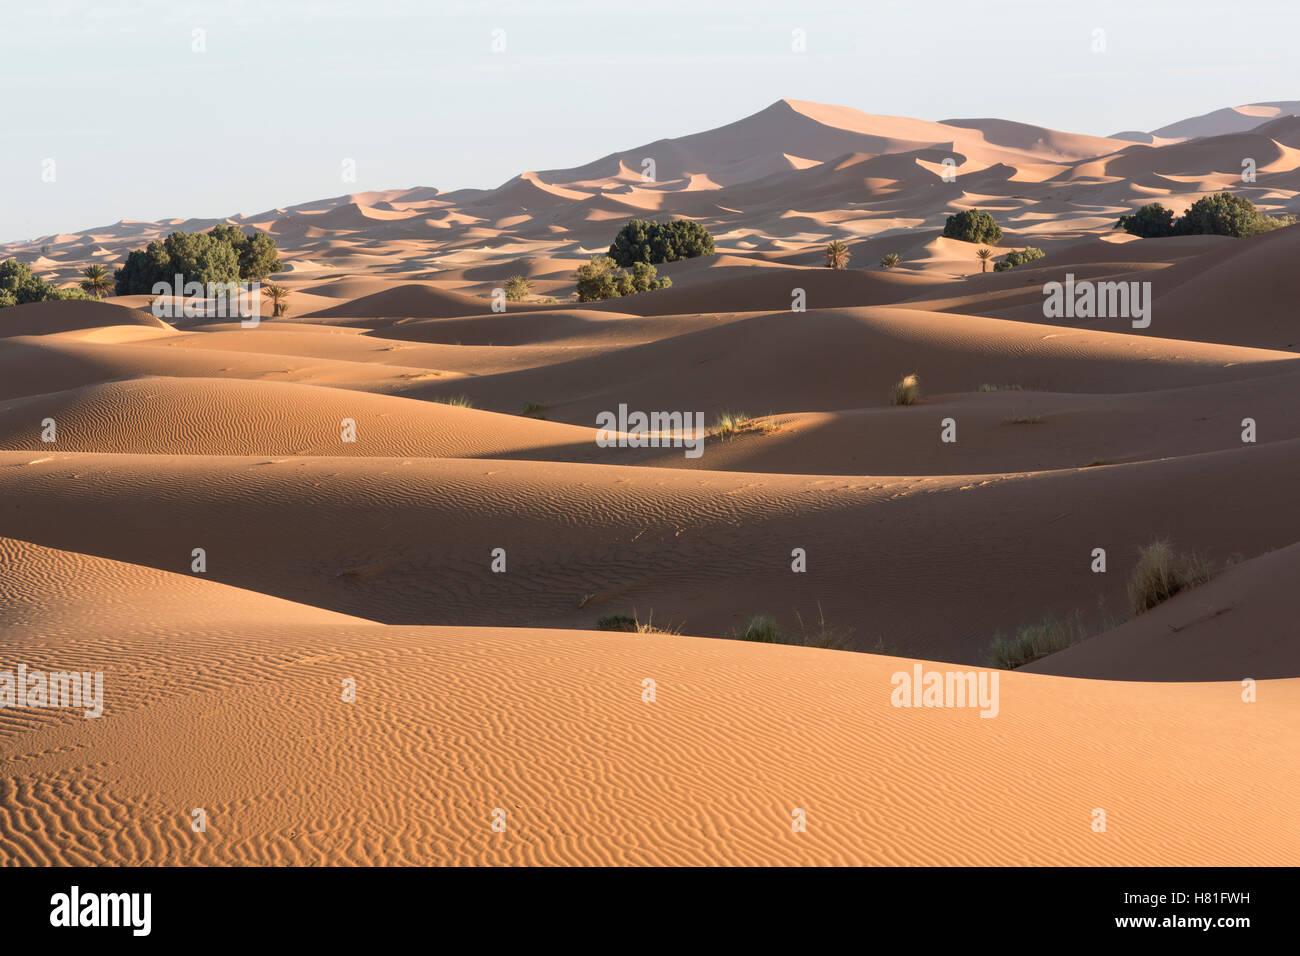 Marokko, Erg Chebbi Sanddünen in der Sahara-Wüste in der Nähe von Merzouga Stockbild